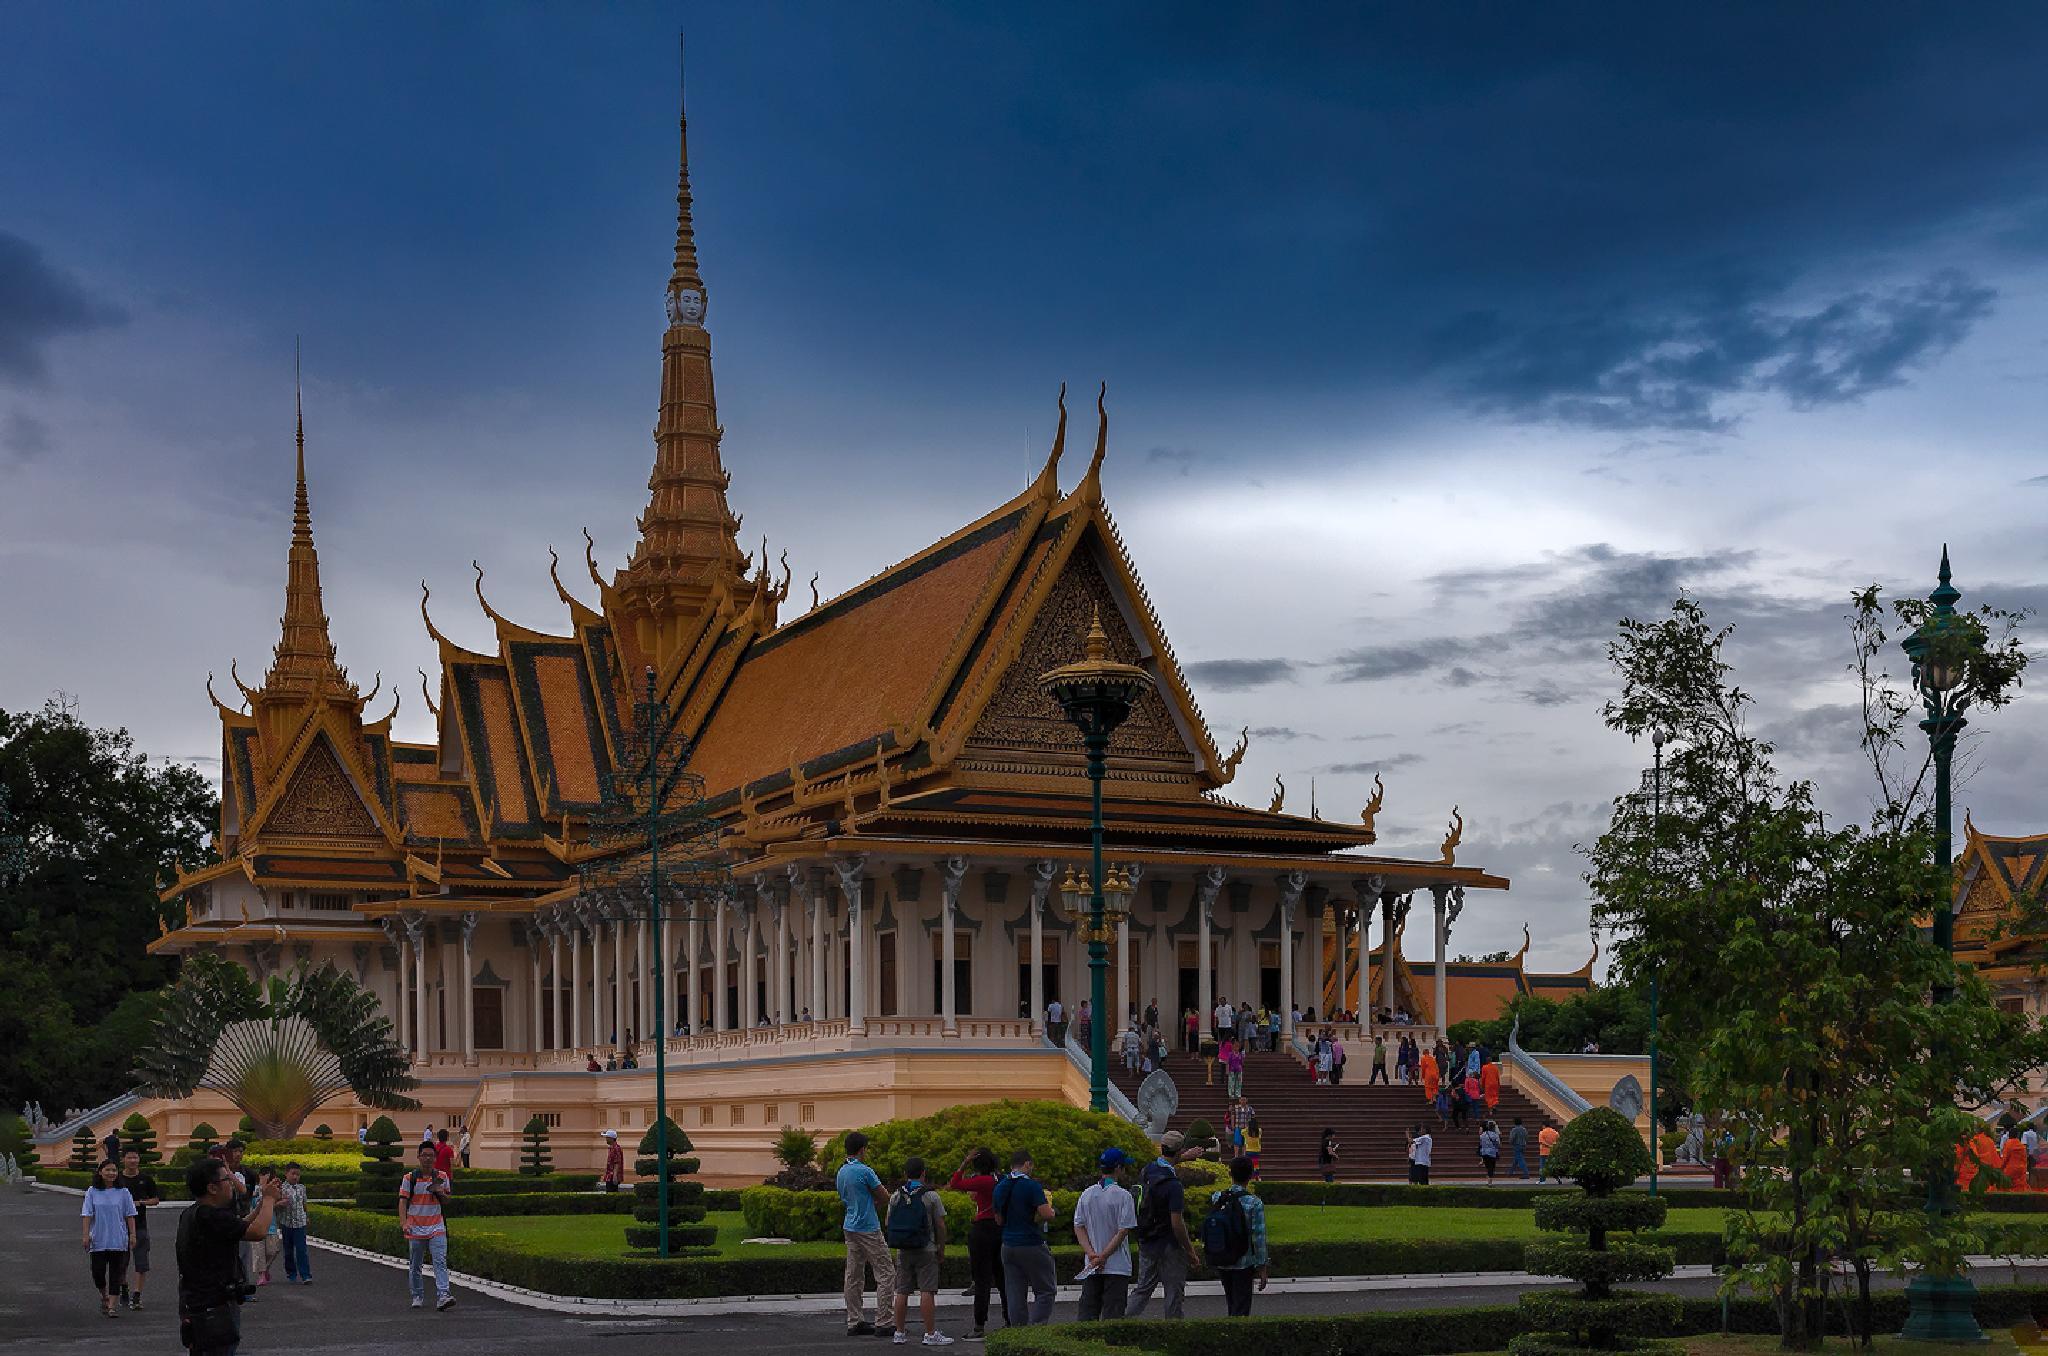 King's Palace by dinajona